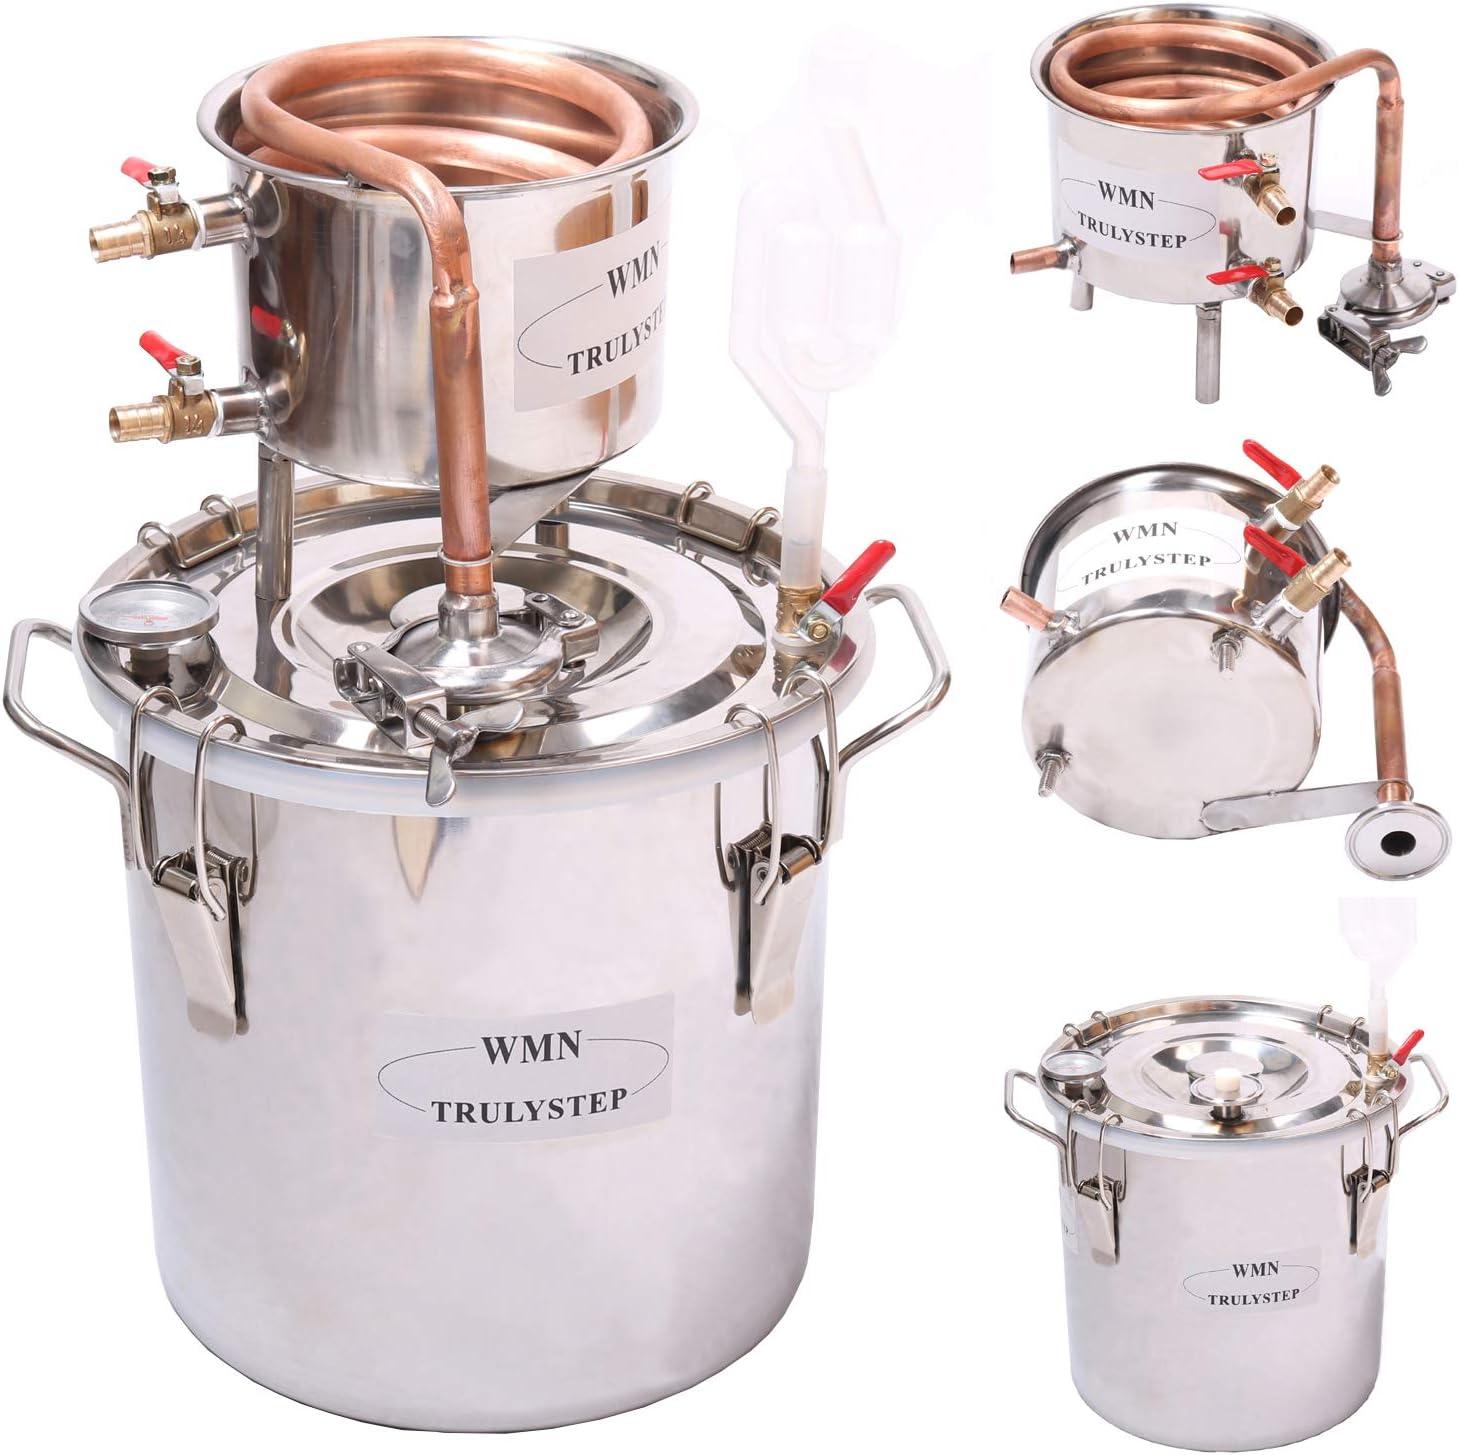 YUEWO DIY Copper Super sale period limited Moonshine Still 10L 20L 12L Home 30L Distiller Indefinitely